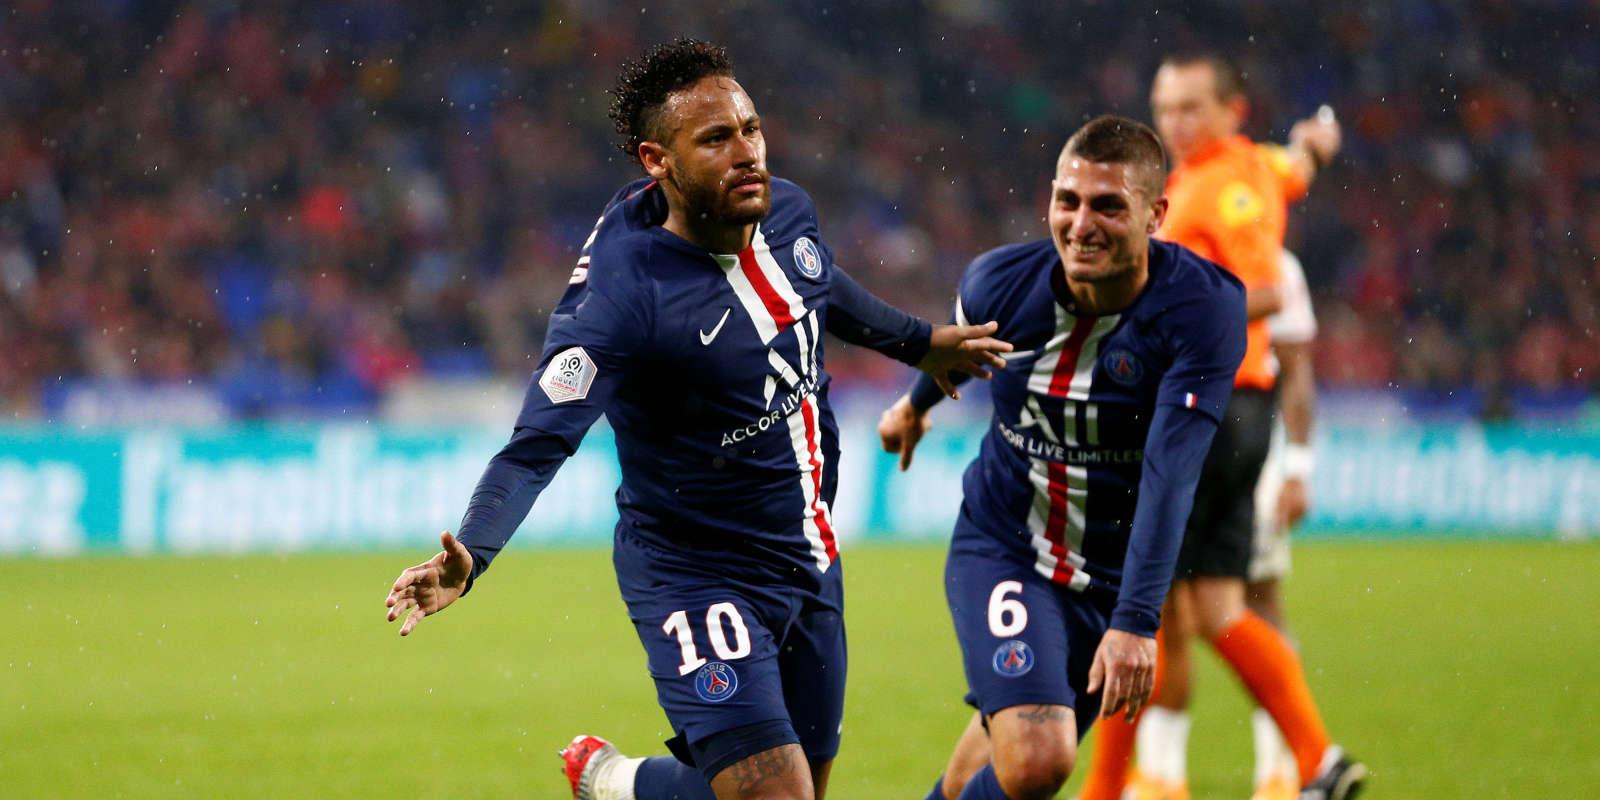 Neymar après son but contre l'OL, le 22 septembre 2019.